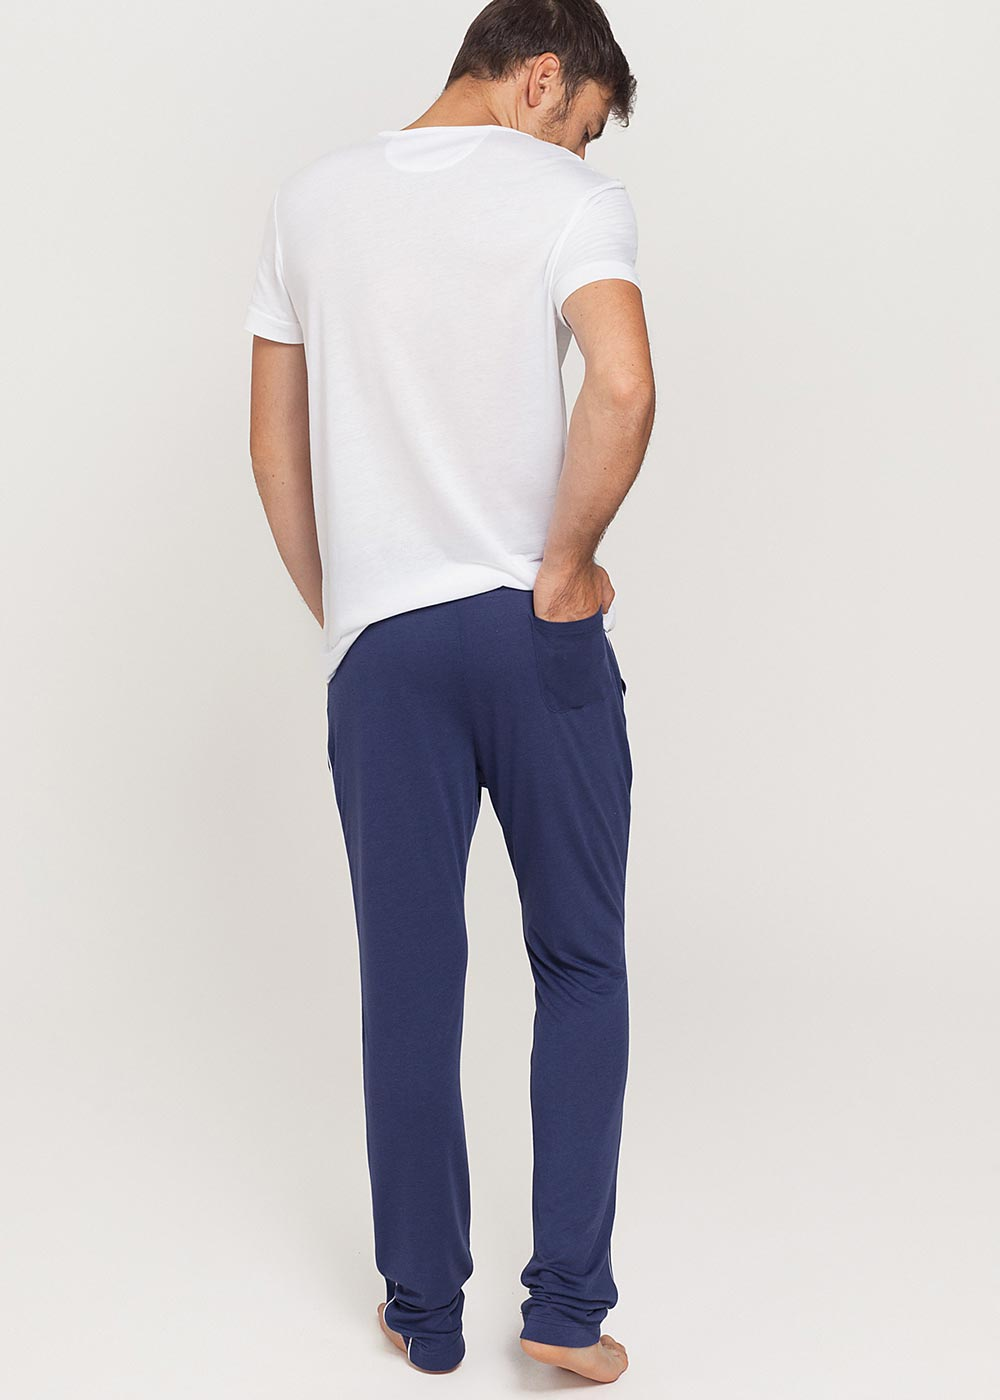 Pantaloni Breeze - Eucalipt